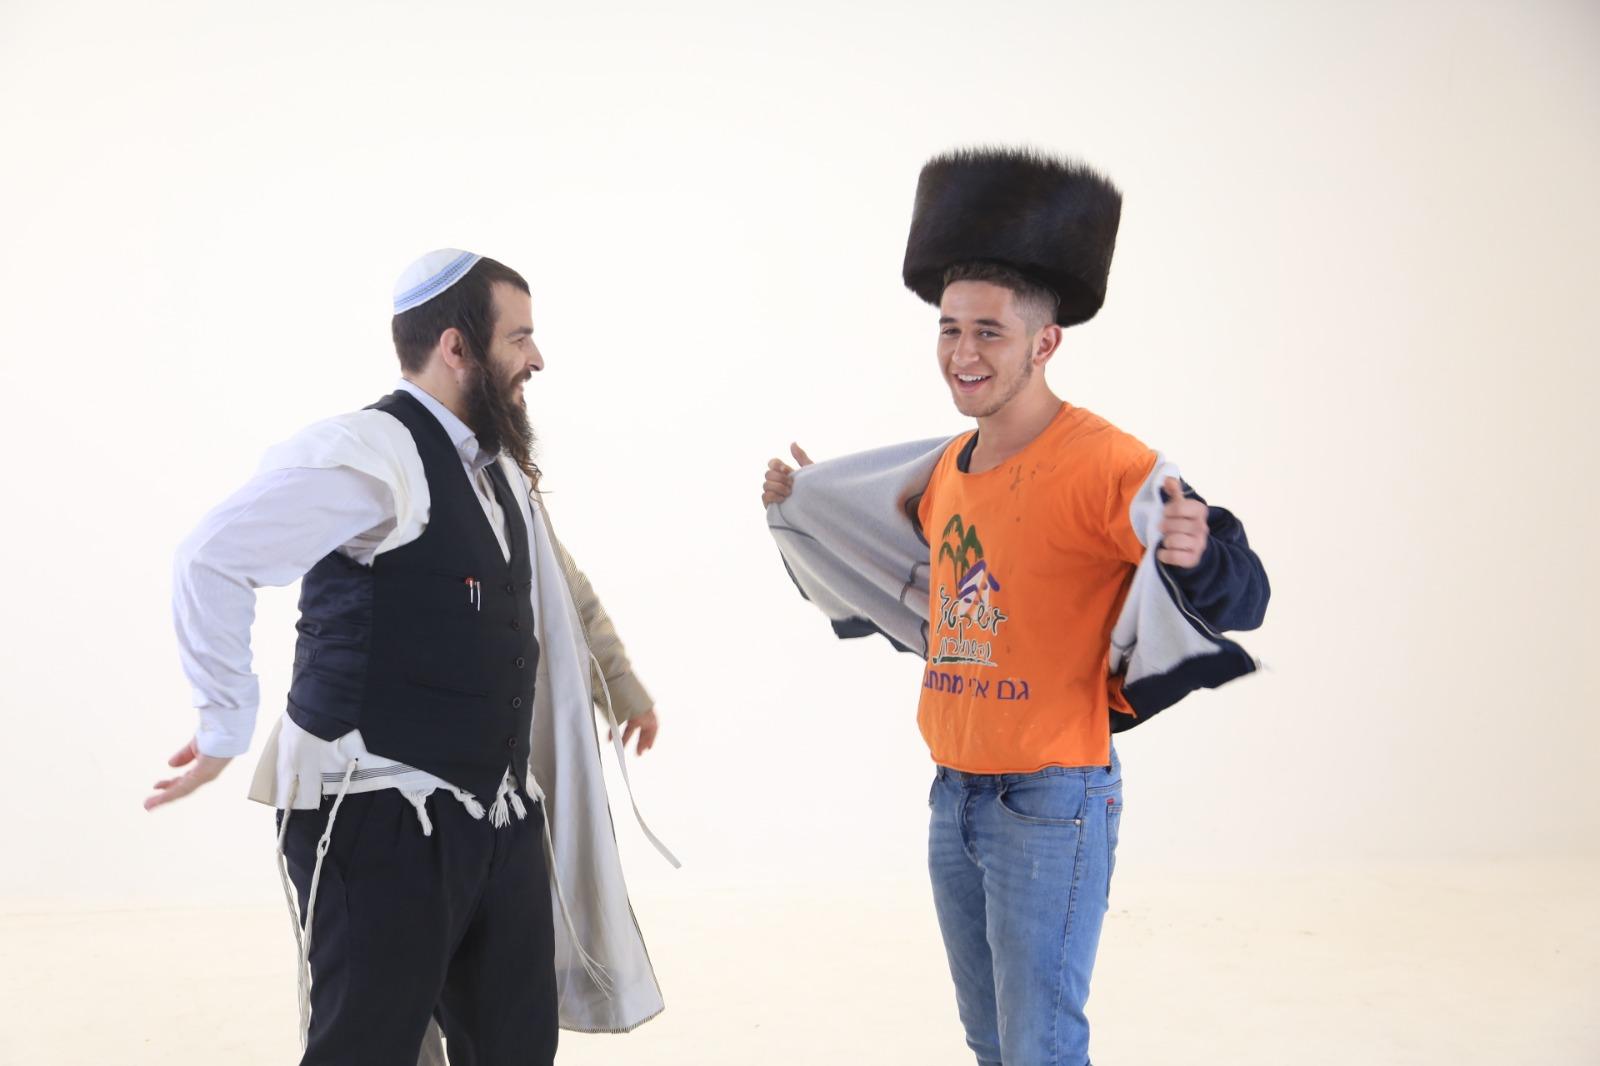 WhatsApp Image 2019-03-03 at 20.30.43 כי אני יהודי מאיר גרין צילום משה ביטון